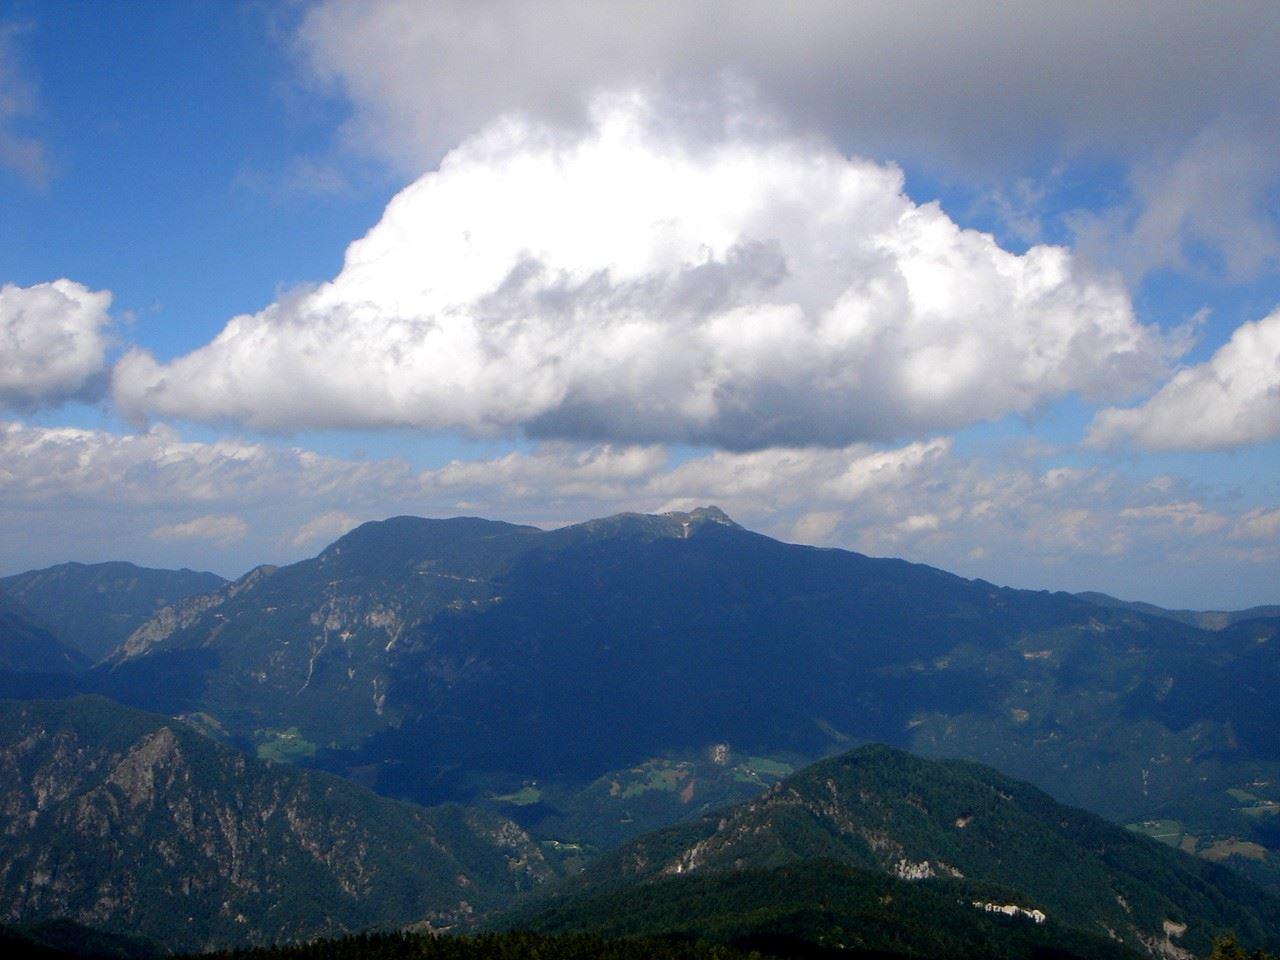 Foto: Manfred Karl / Wander Tour / Über den Krainersteig auf den Kärntner Storschitz / Der stürmische Wind zaubert immer wieder neue Wolkenbilder am Himmel. / 03.06.2007 18:07:16